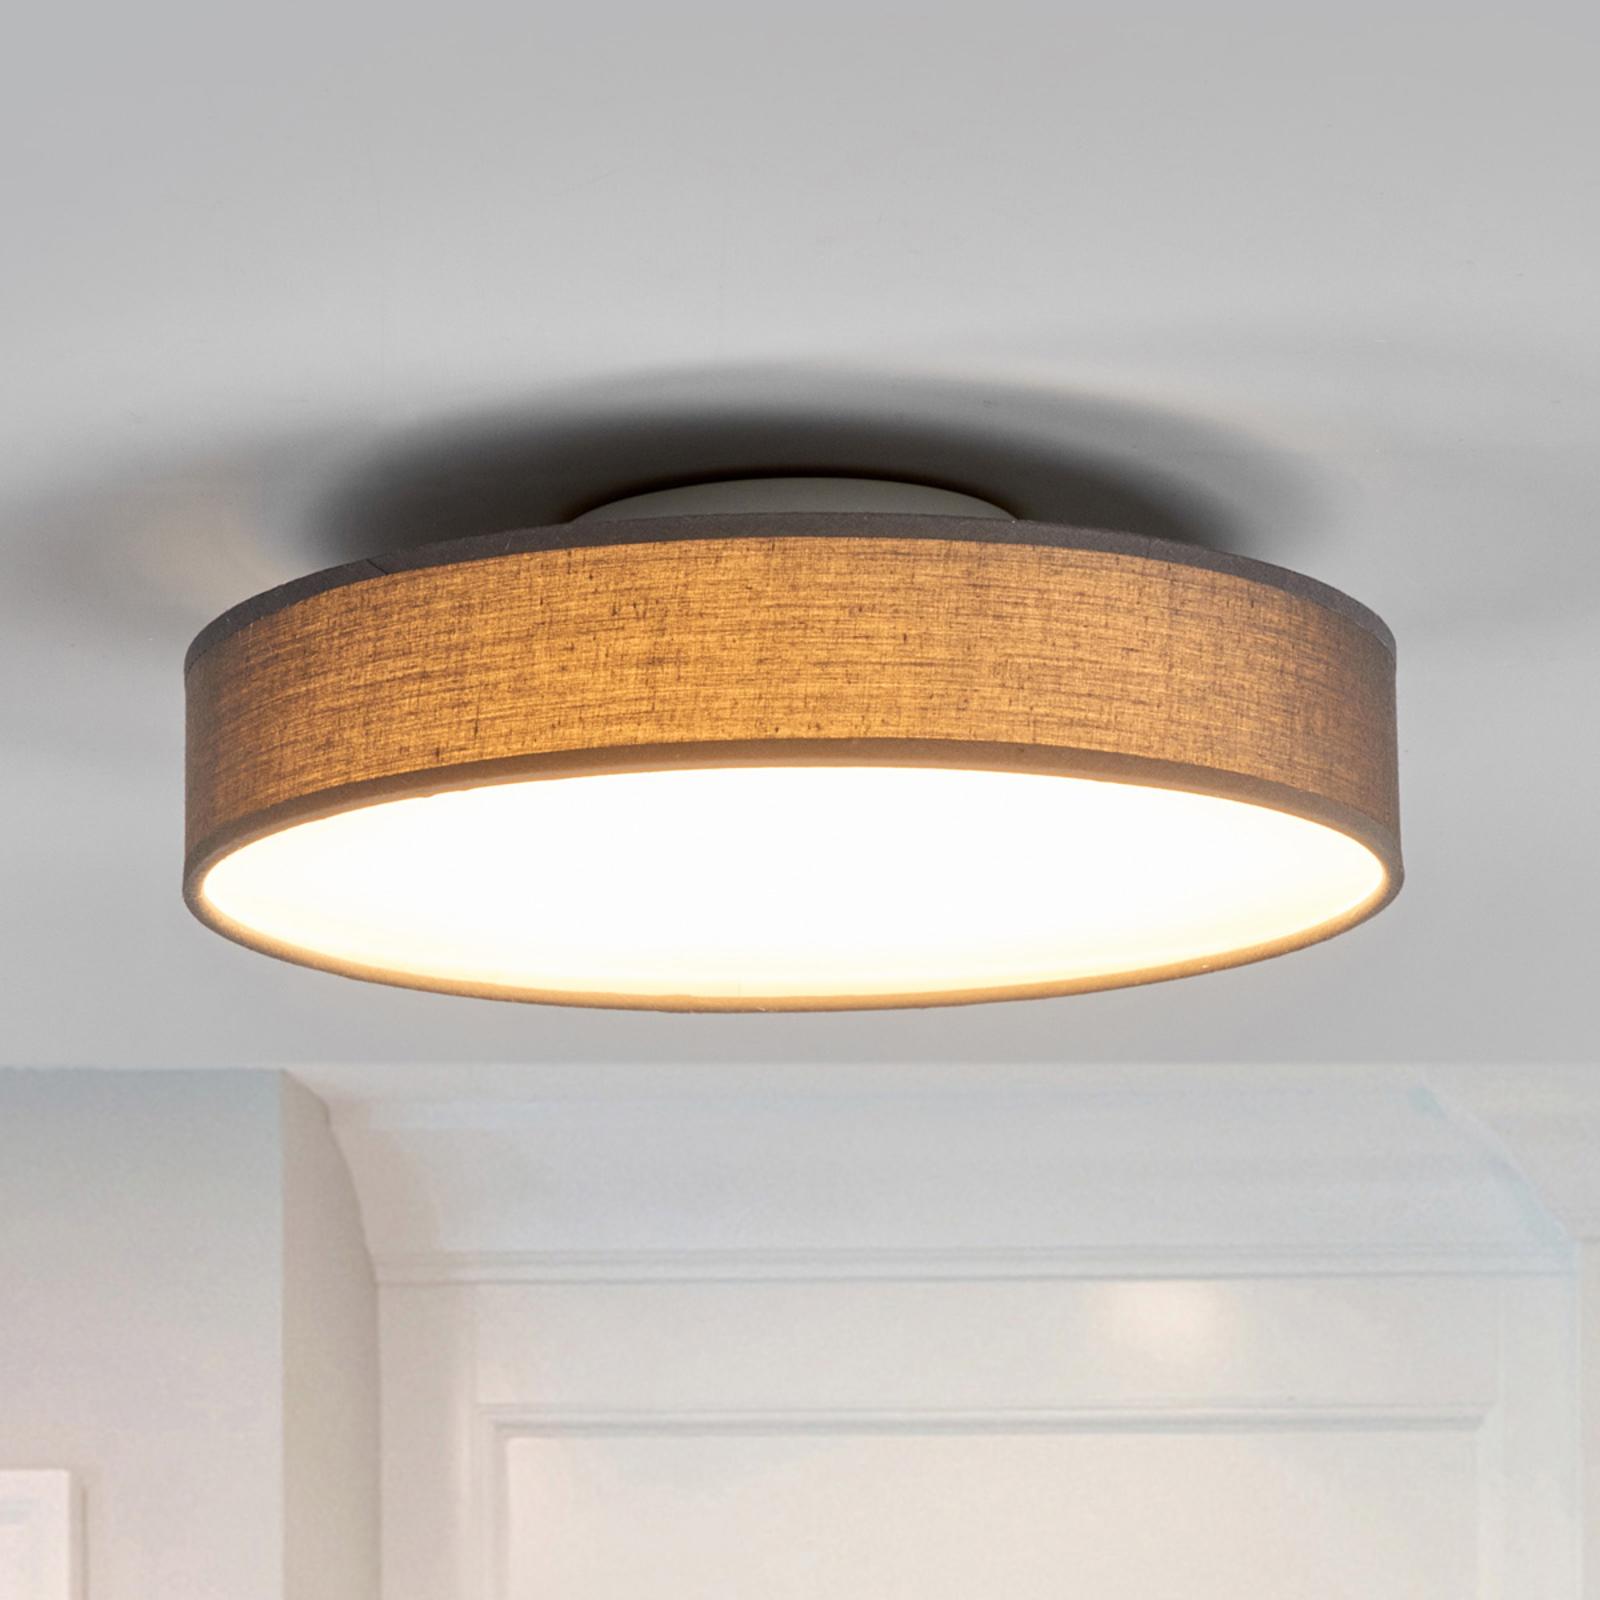 LED-stoff-taklampe Saira, 30 cm, grå